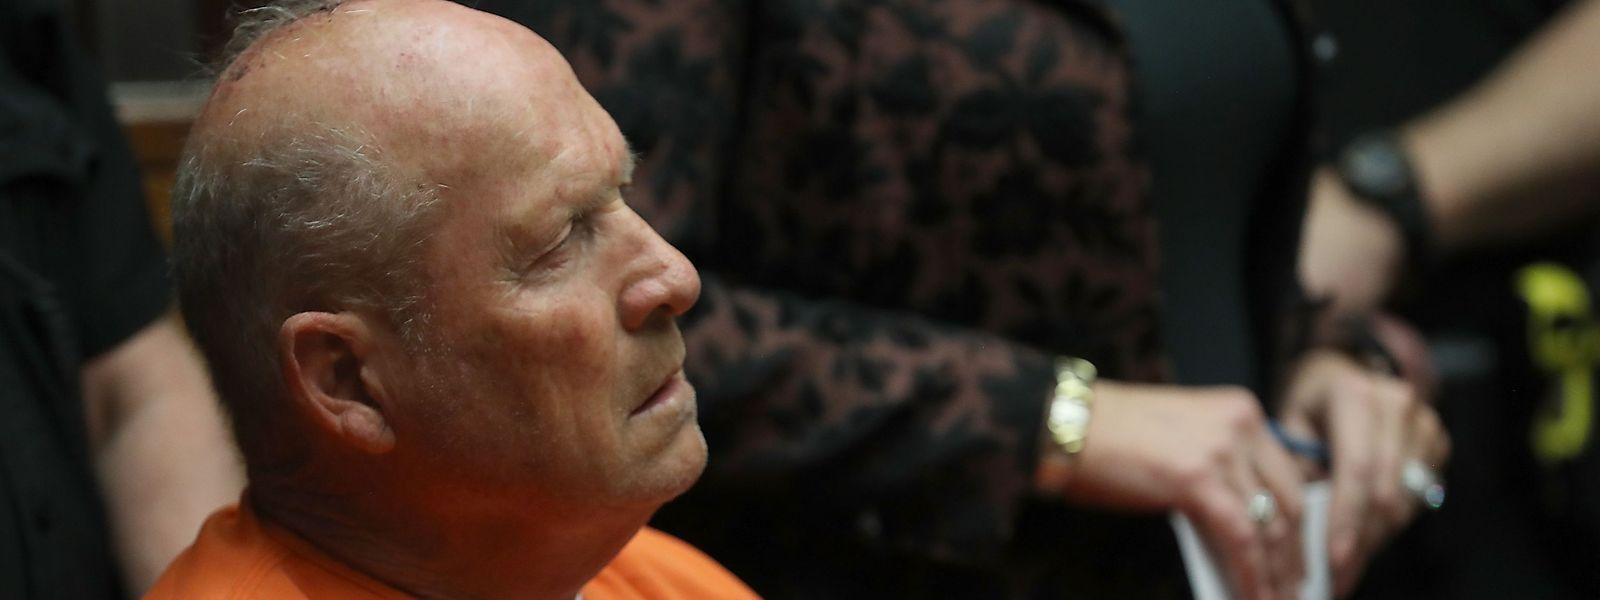 """Sacramento: Joseph James DeAngelo, der mutmaßliche """"Golden State Killer"""", bei einem Gerichtstermin im Jahr 2018."""